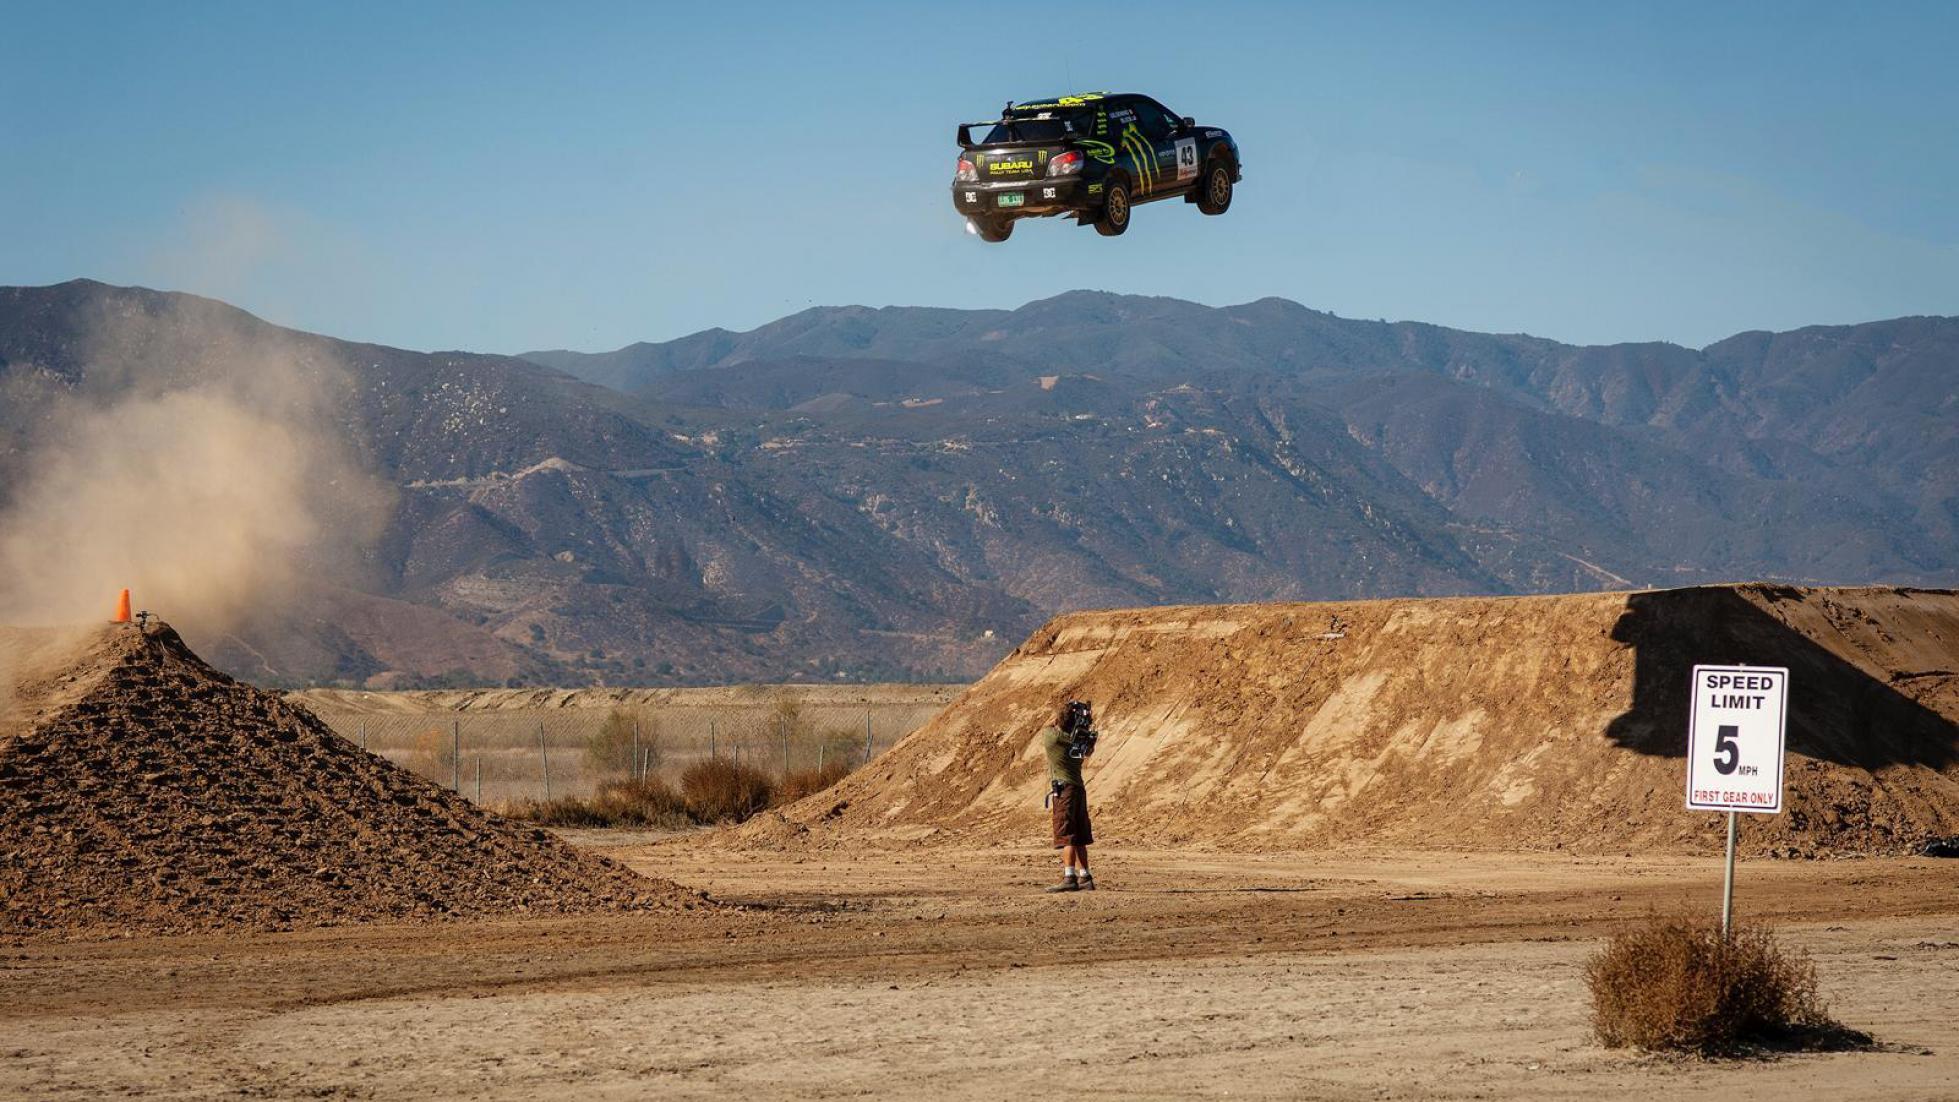 Ken Blocks Subaru WRX STI